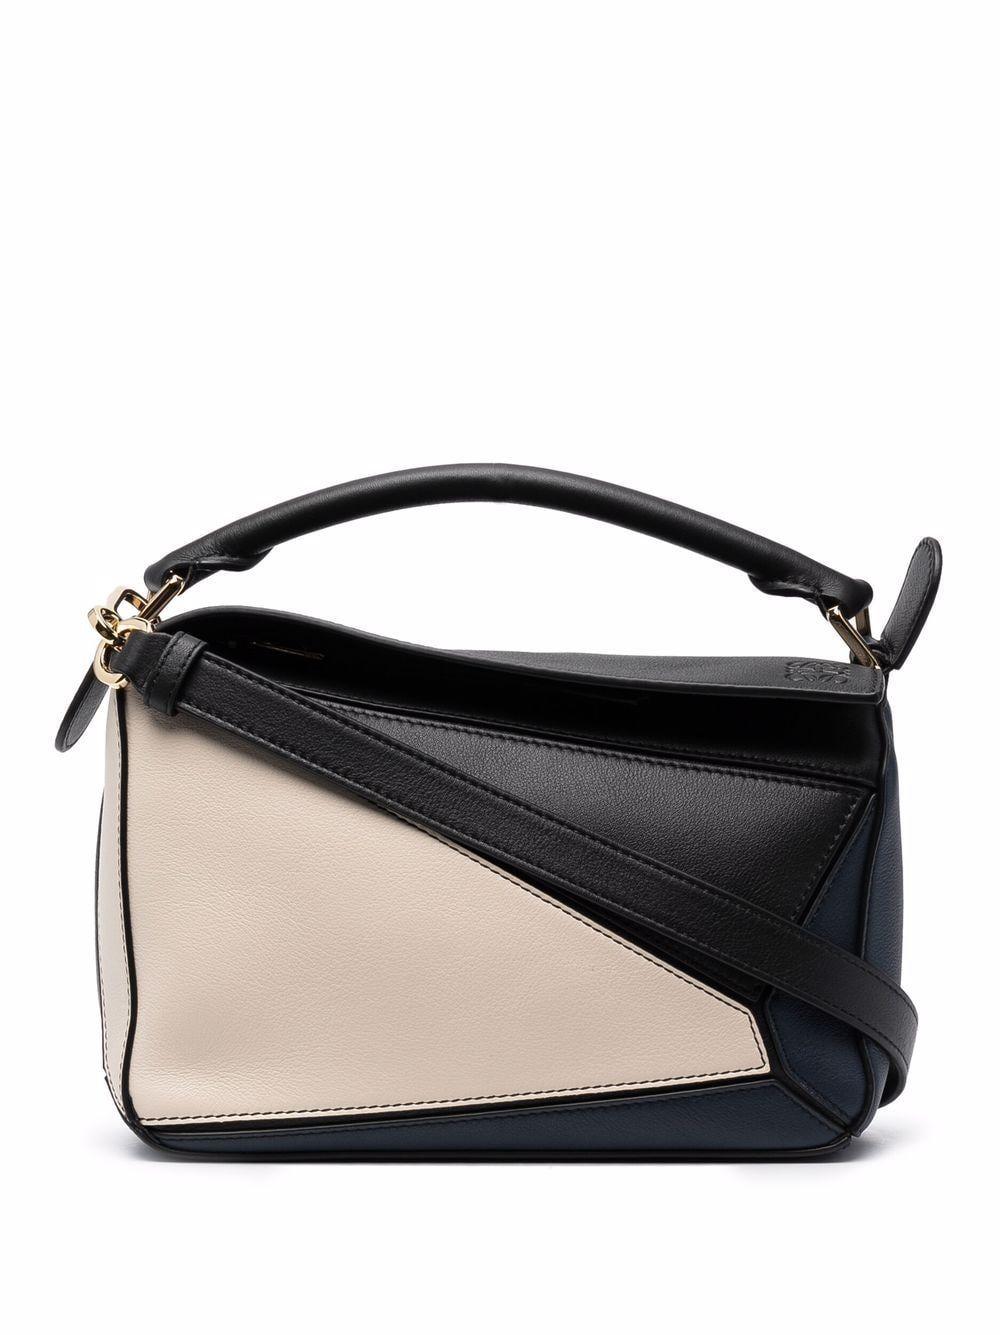 Loewe bags.. black